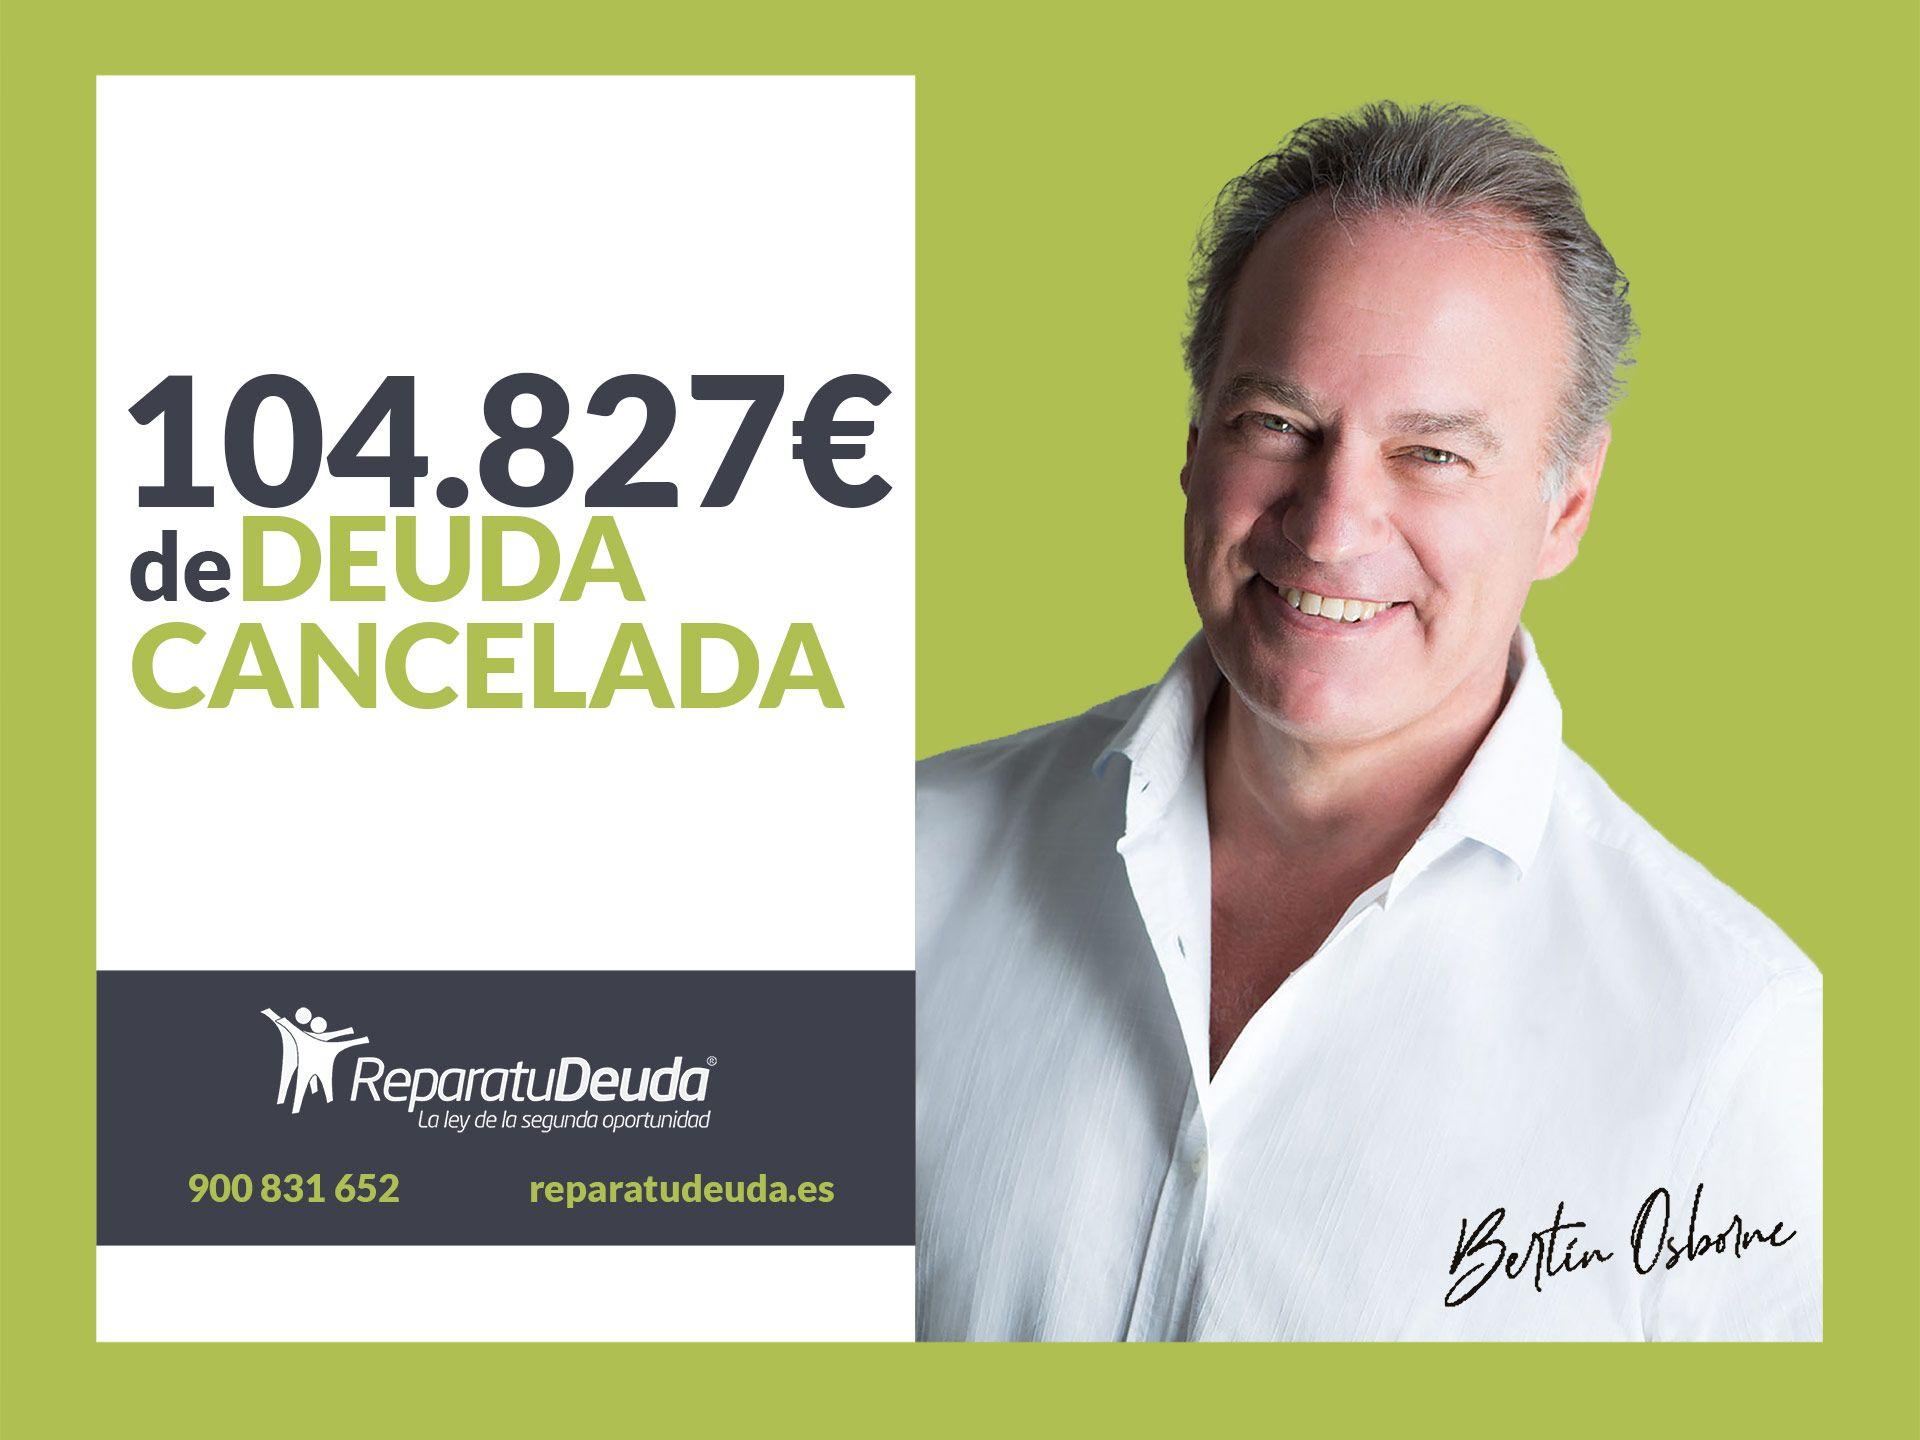 Repara tu Deuda cancela 104.827€ con deuda pública en Huelva con la Ley de la Segunda Oportunidad